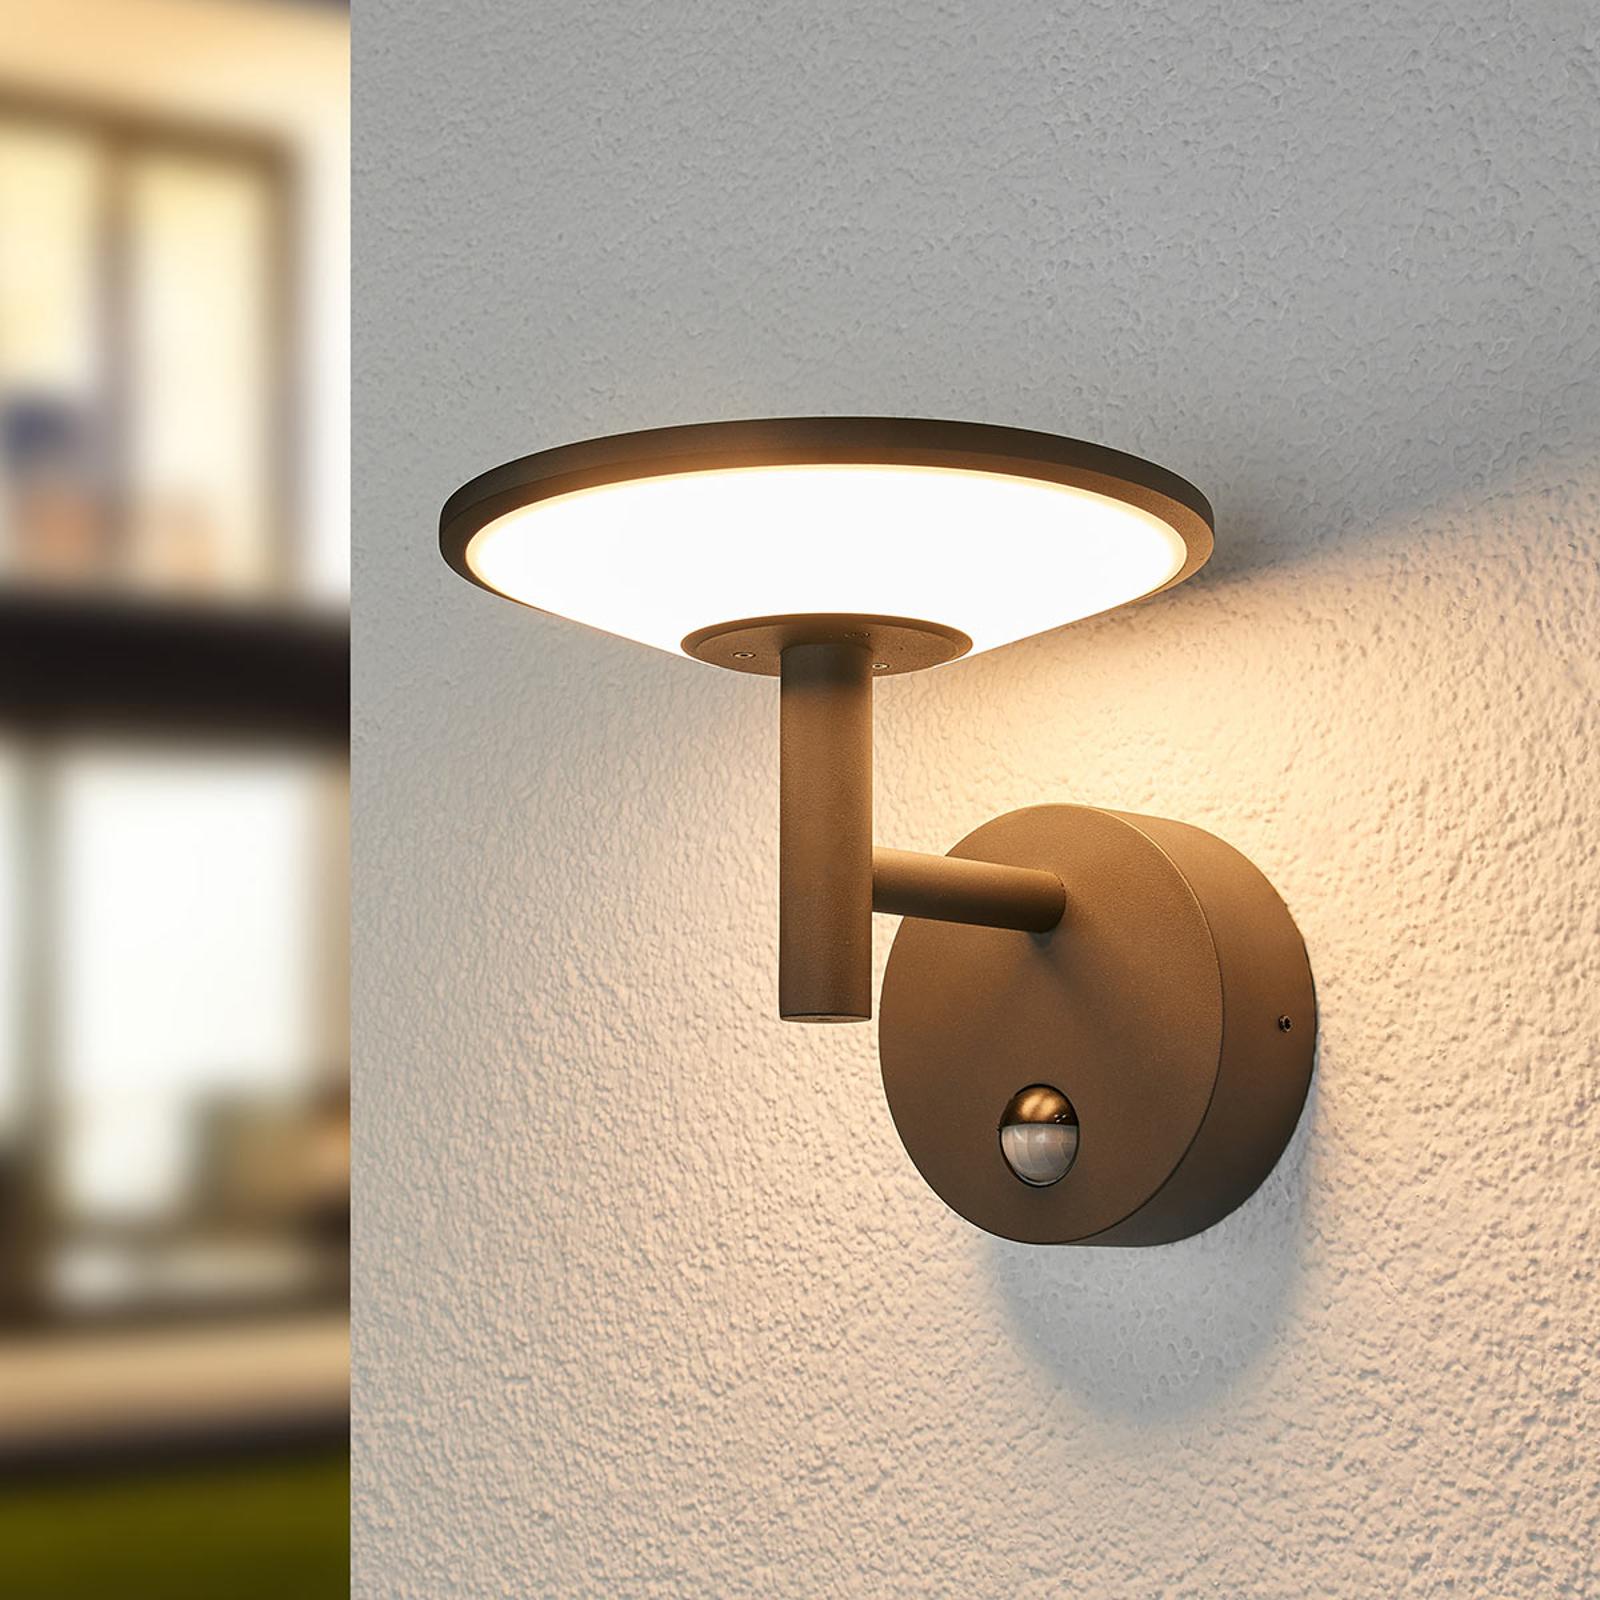 LED-utomhusvägglampa Fenia med rörelsesensor